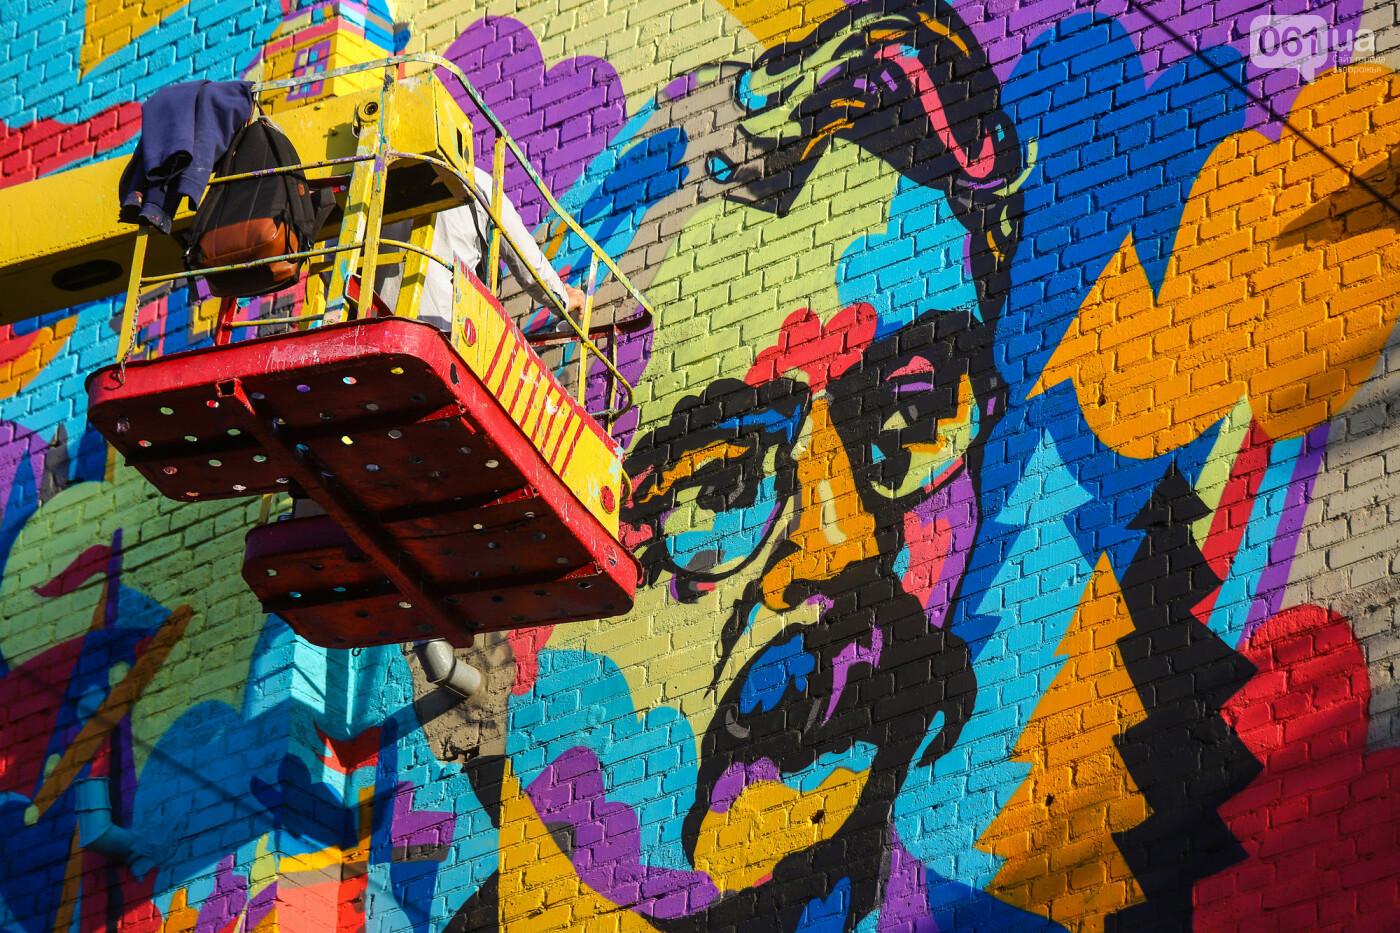 Художник из Нью-Йорка нарисовал мурал к 250-летию Запорожья - ФОТОРЕПОРТАЖ , фото-28